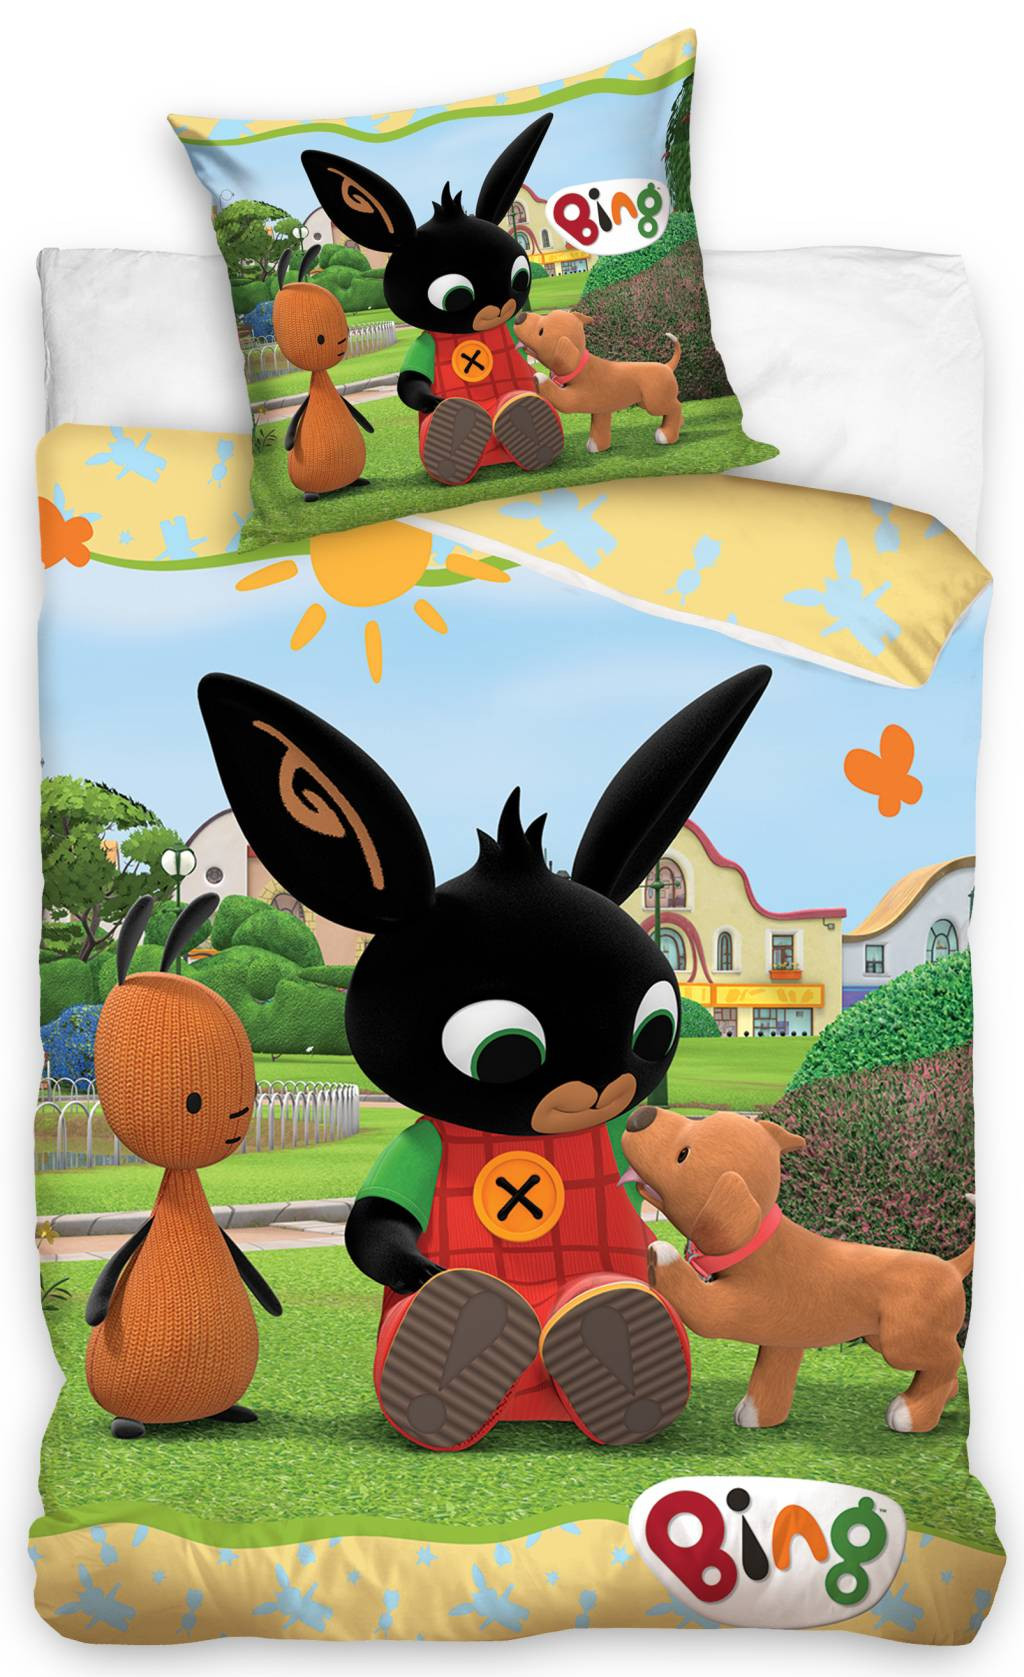 DomTextilu Pestrofarebné obliečky s motívom králika BING 70x90 cm 25864-150160